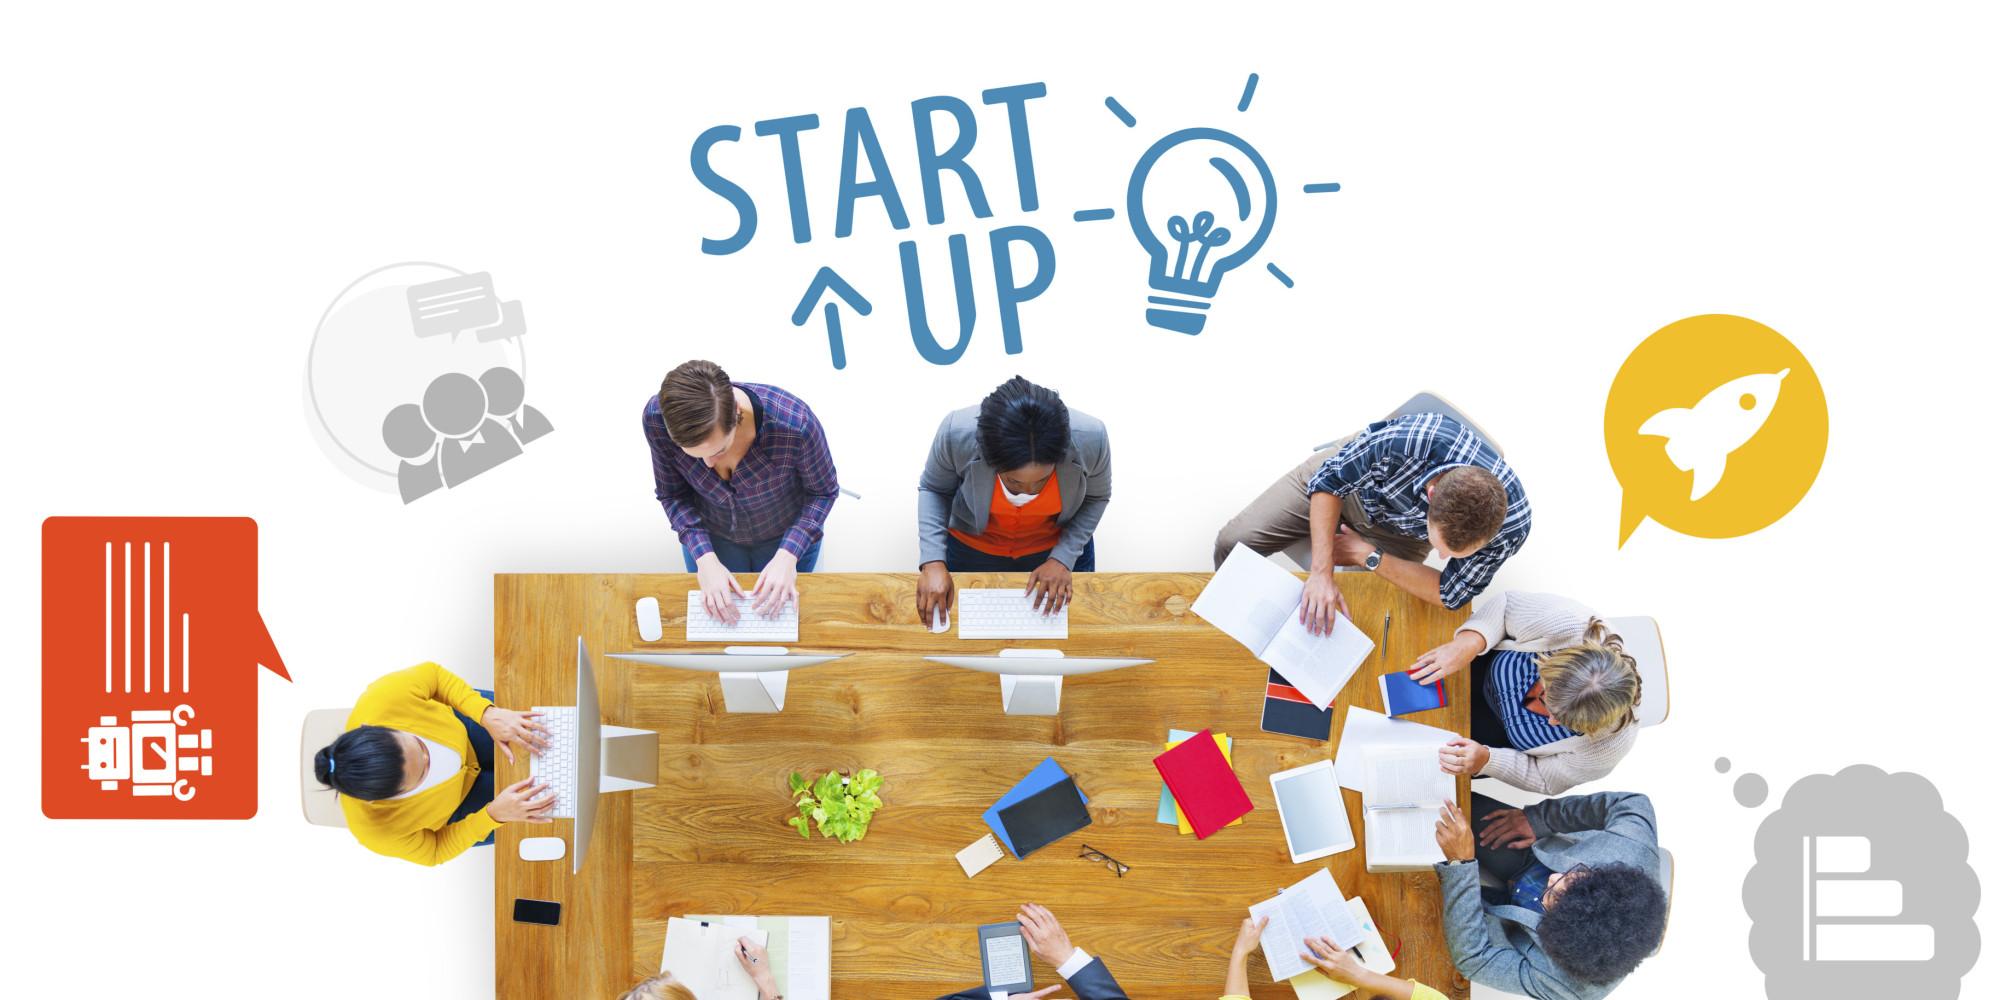 Startups pour gérer son personnel d'hôtel